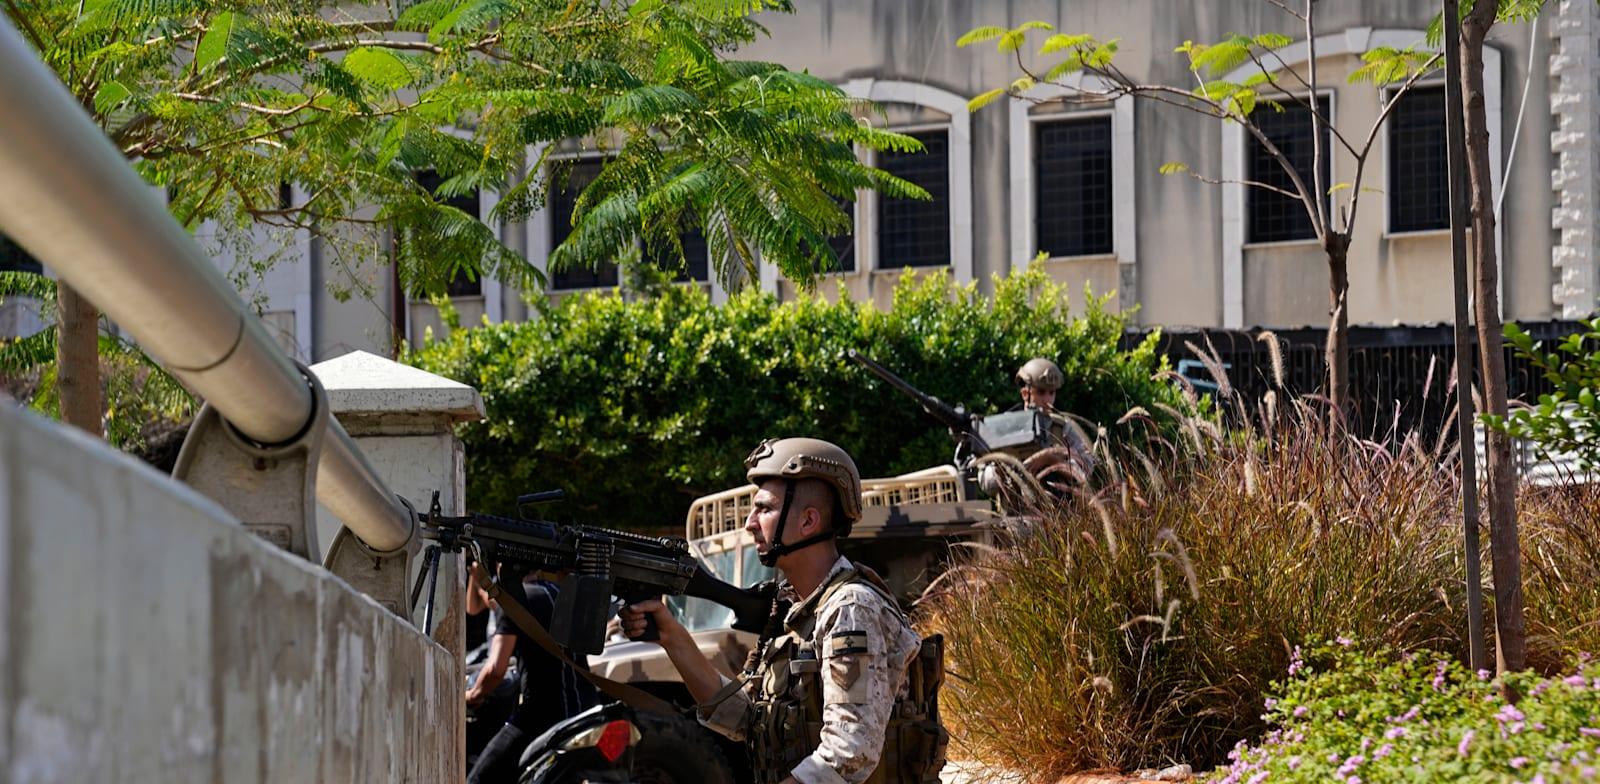 כוחות צבא לבנון במוקד העימותים בביירות, מוקדם יותר היום / צילום: Associated Press, Hassan Ammar